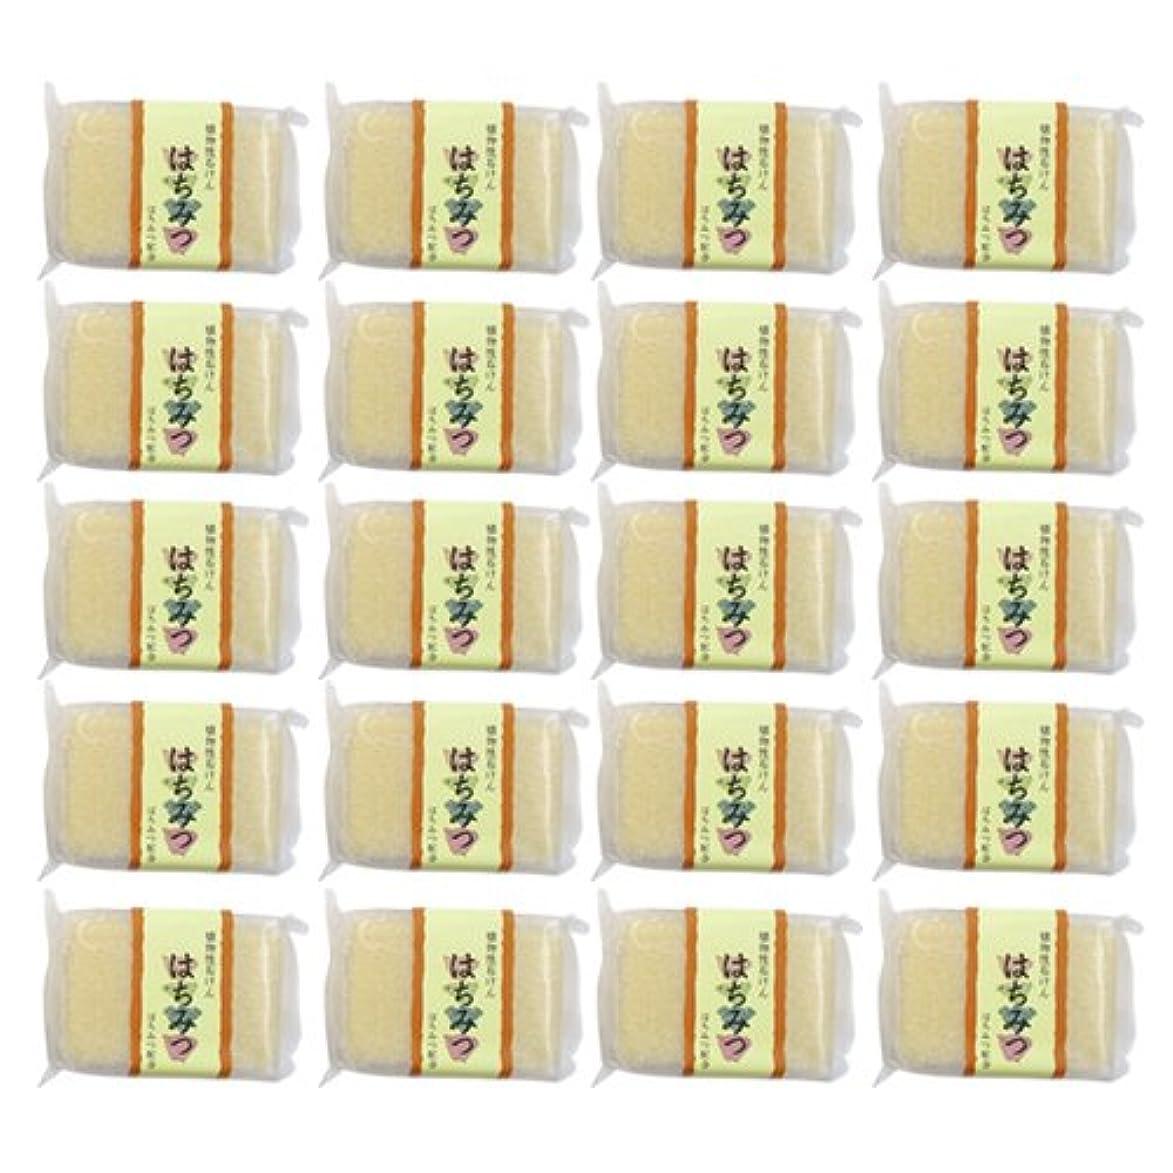 バトルラボ政権植物性ソープ 自然石けん はちみつ 80g×20個セット